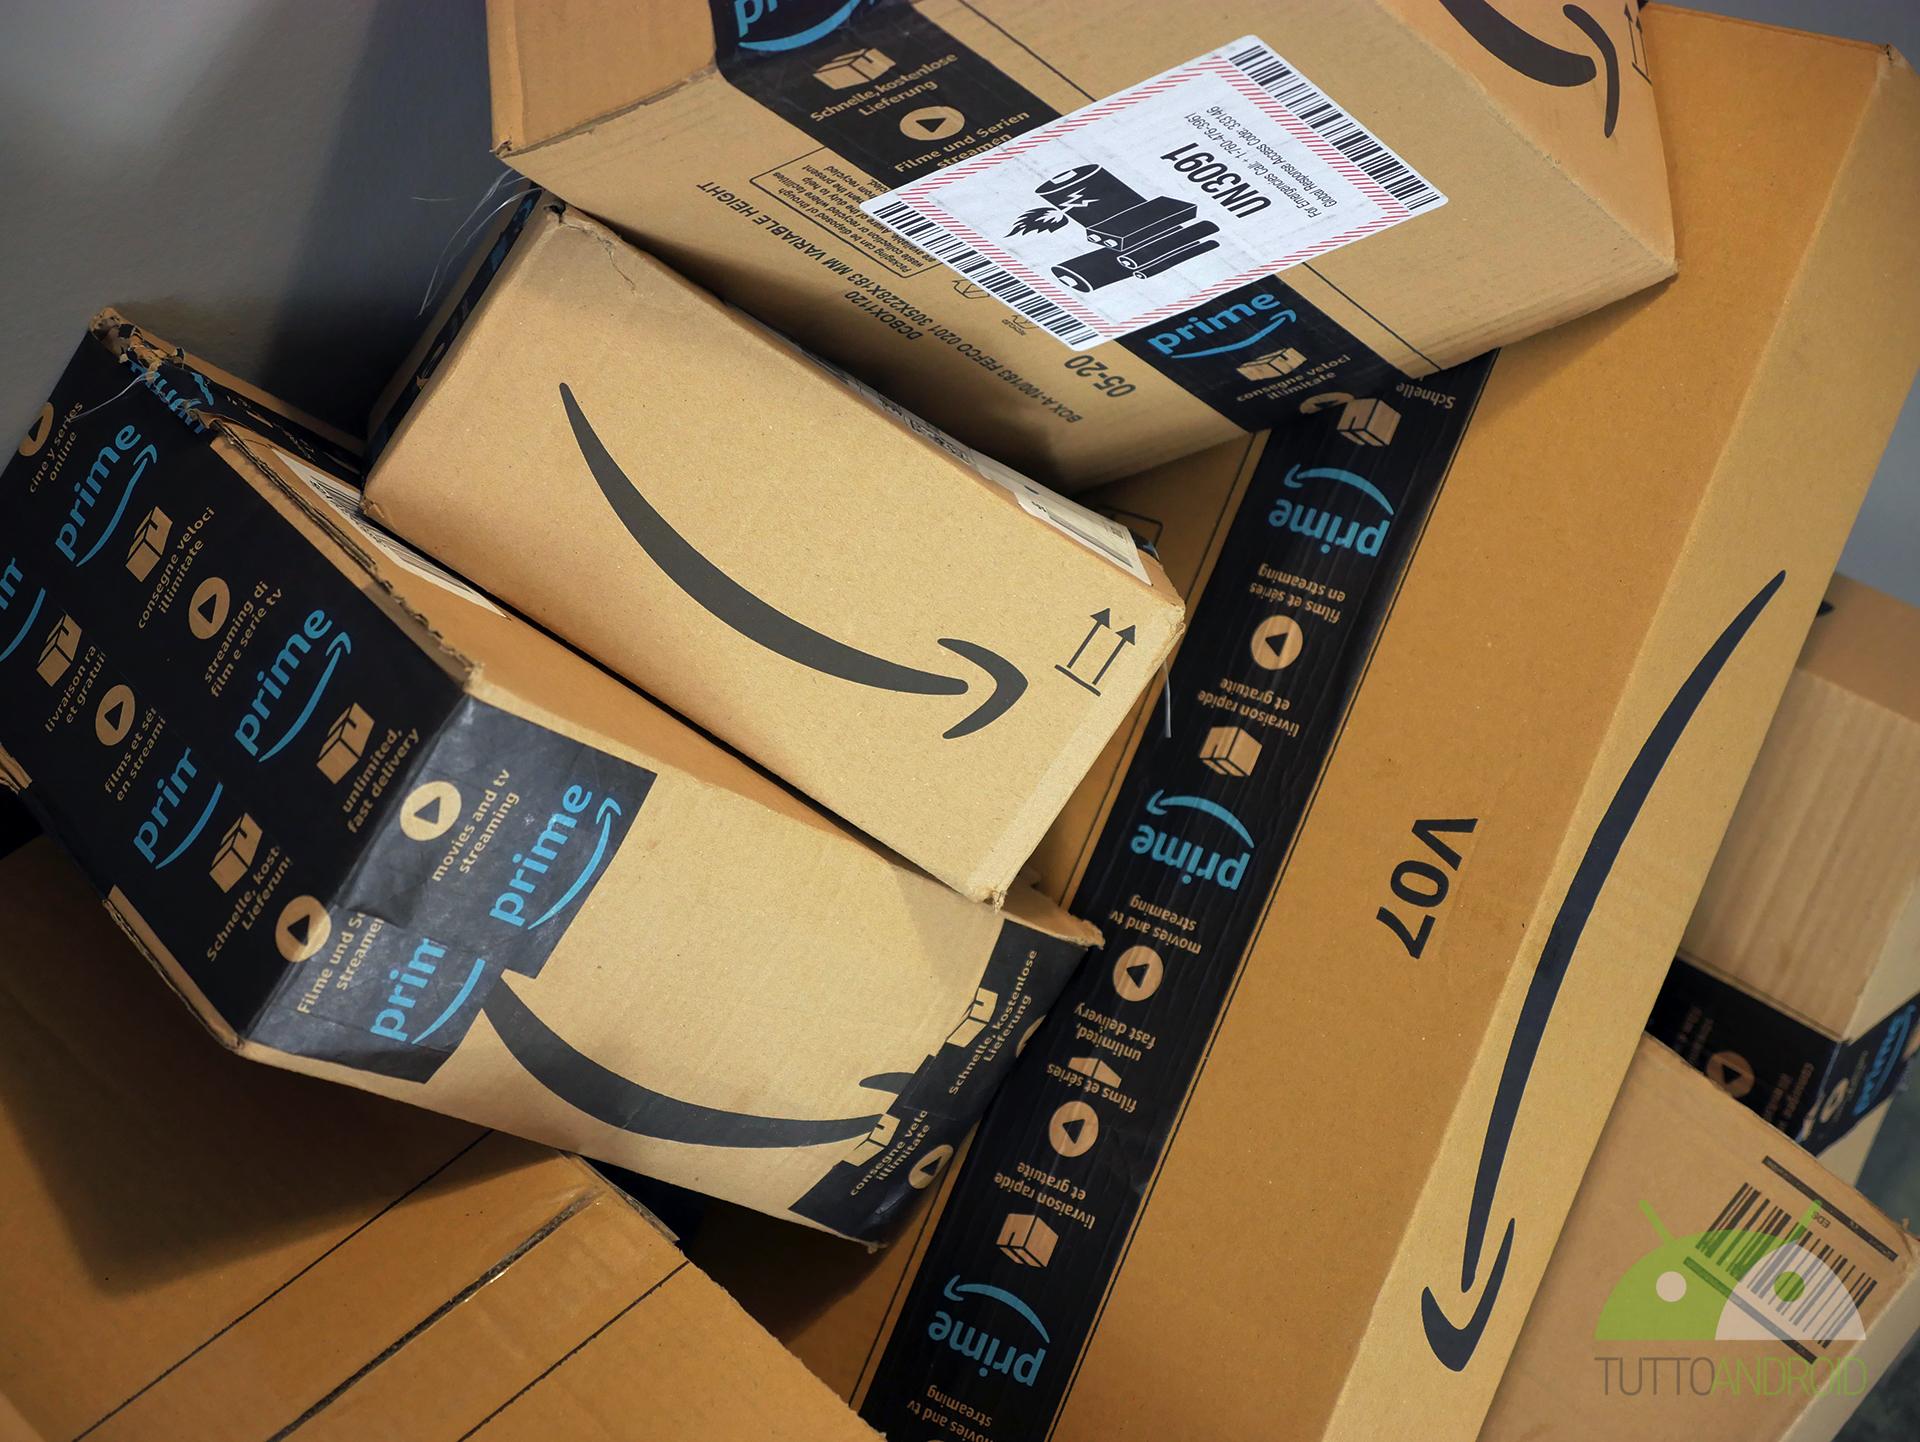 Sfruttate questi 6 buoni sconto di Amazon in vista del Prime Day 2020